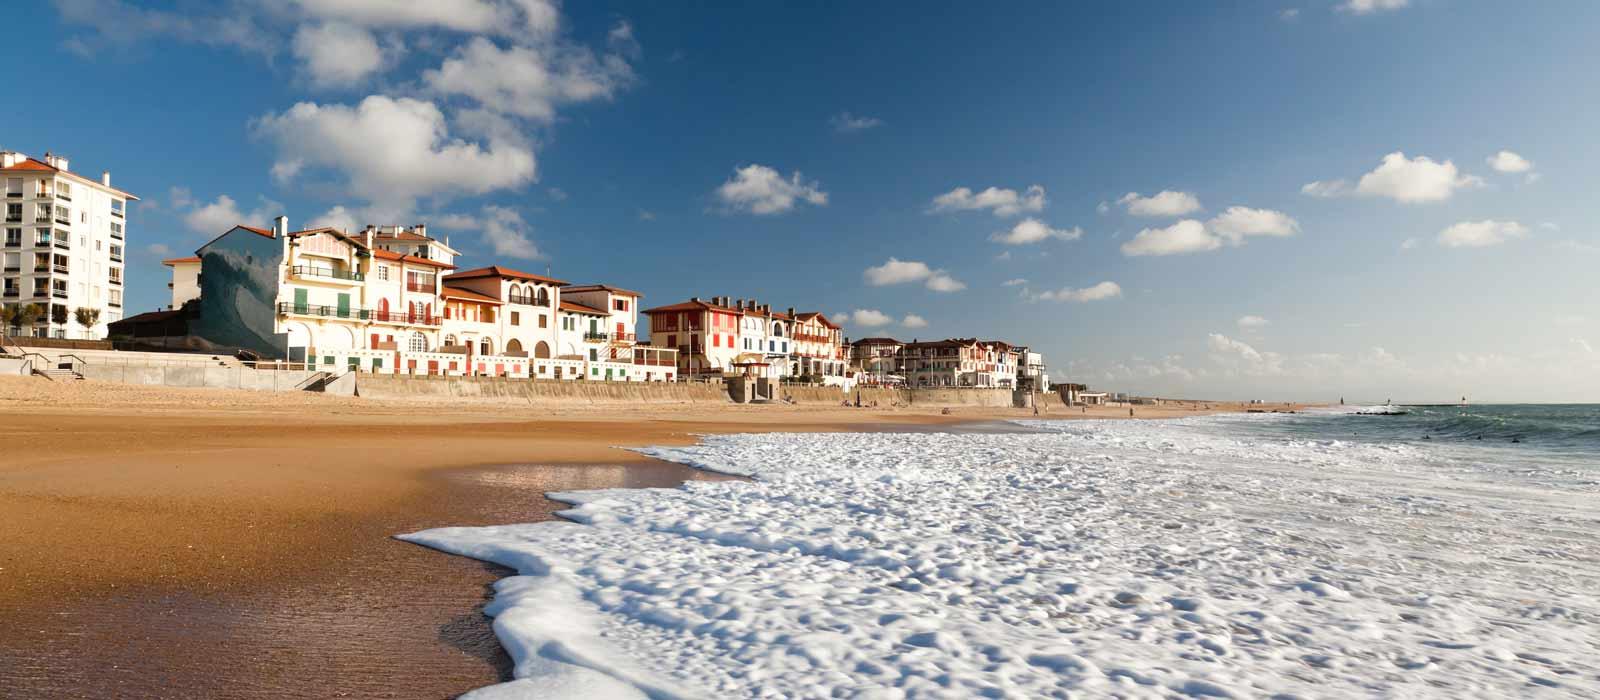 Camping en bord de mer dans le Sud de la France